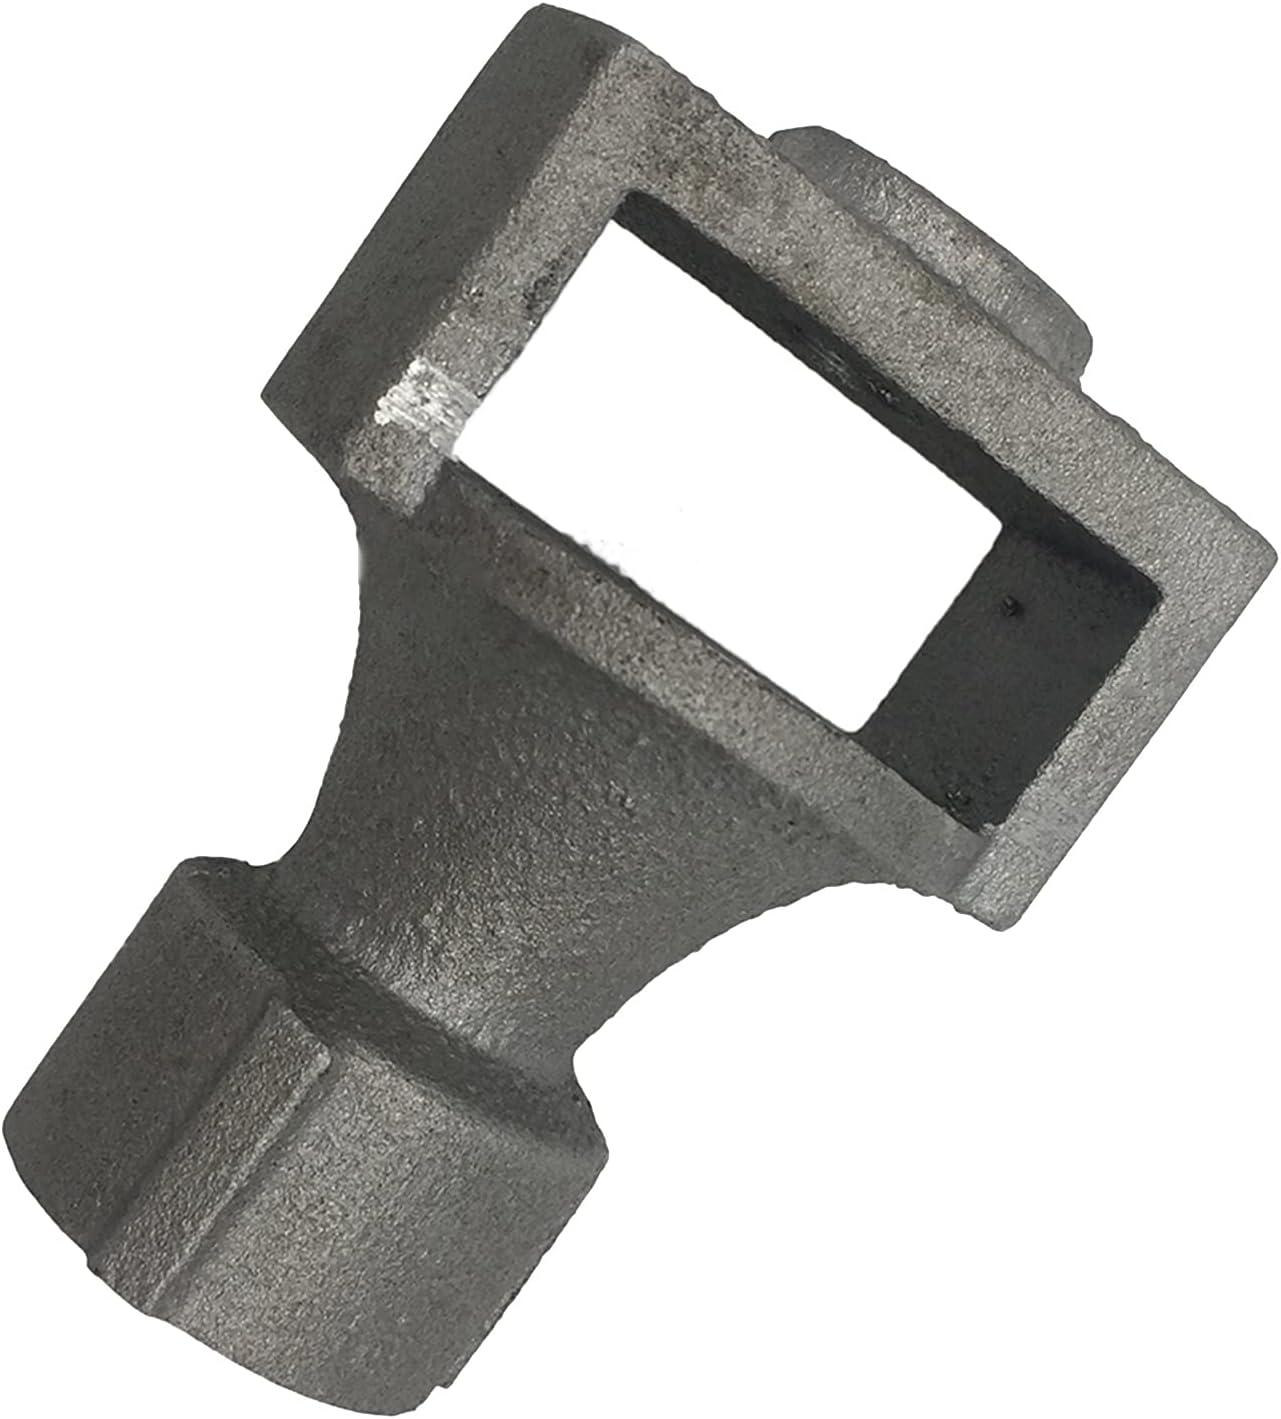 MMingx 3 Pieces Lot Aluminum Max 73% OFF Venturi Pa Burner Cast Super-cheap Replacements